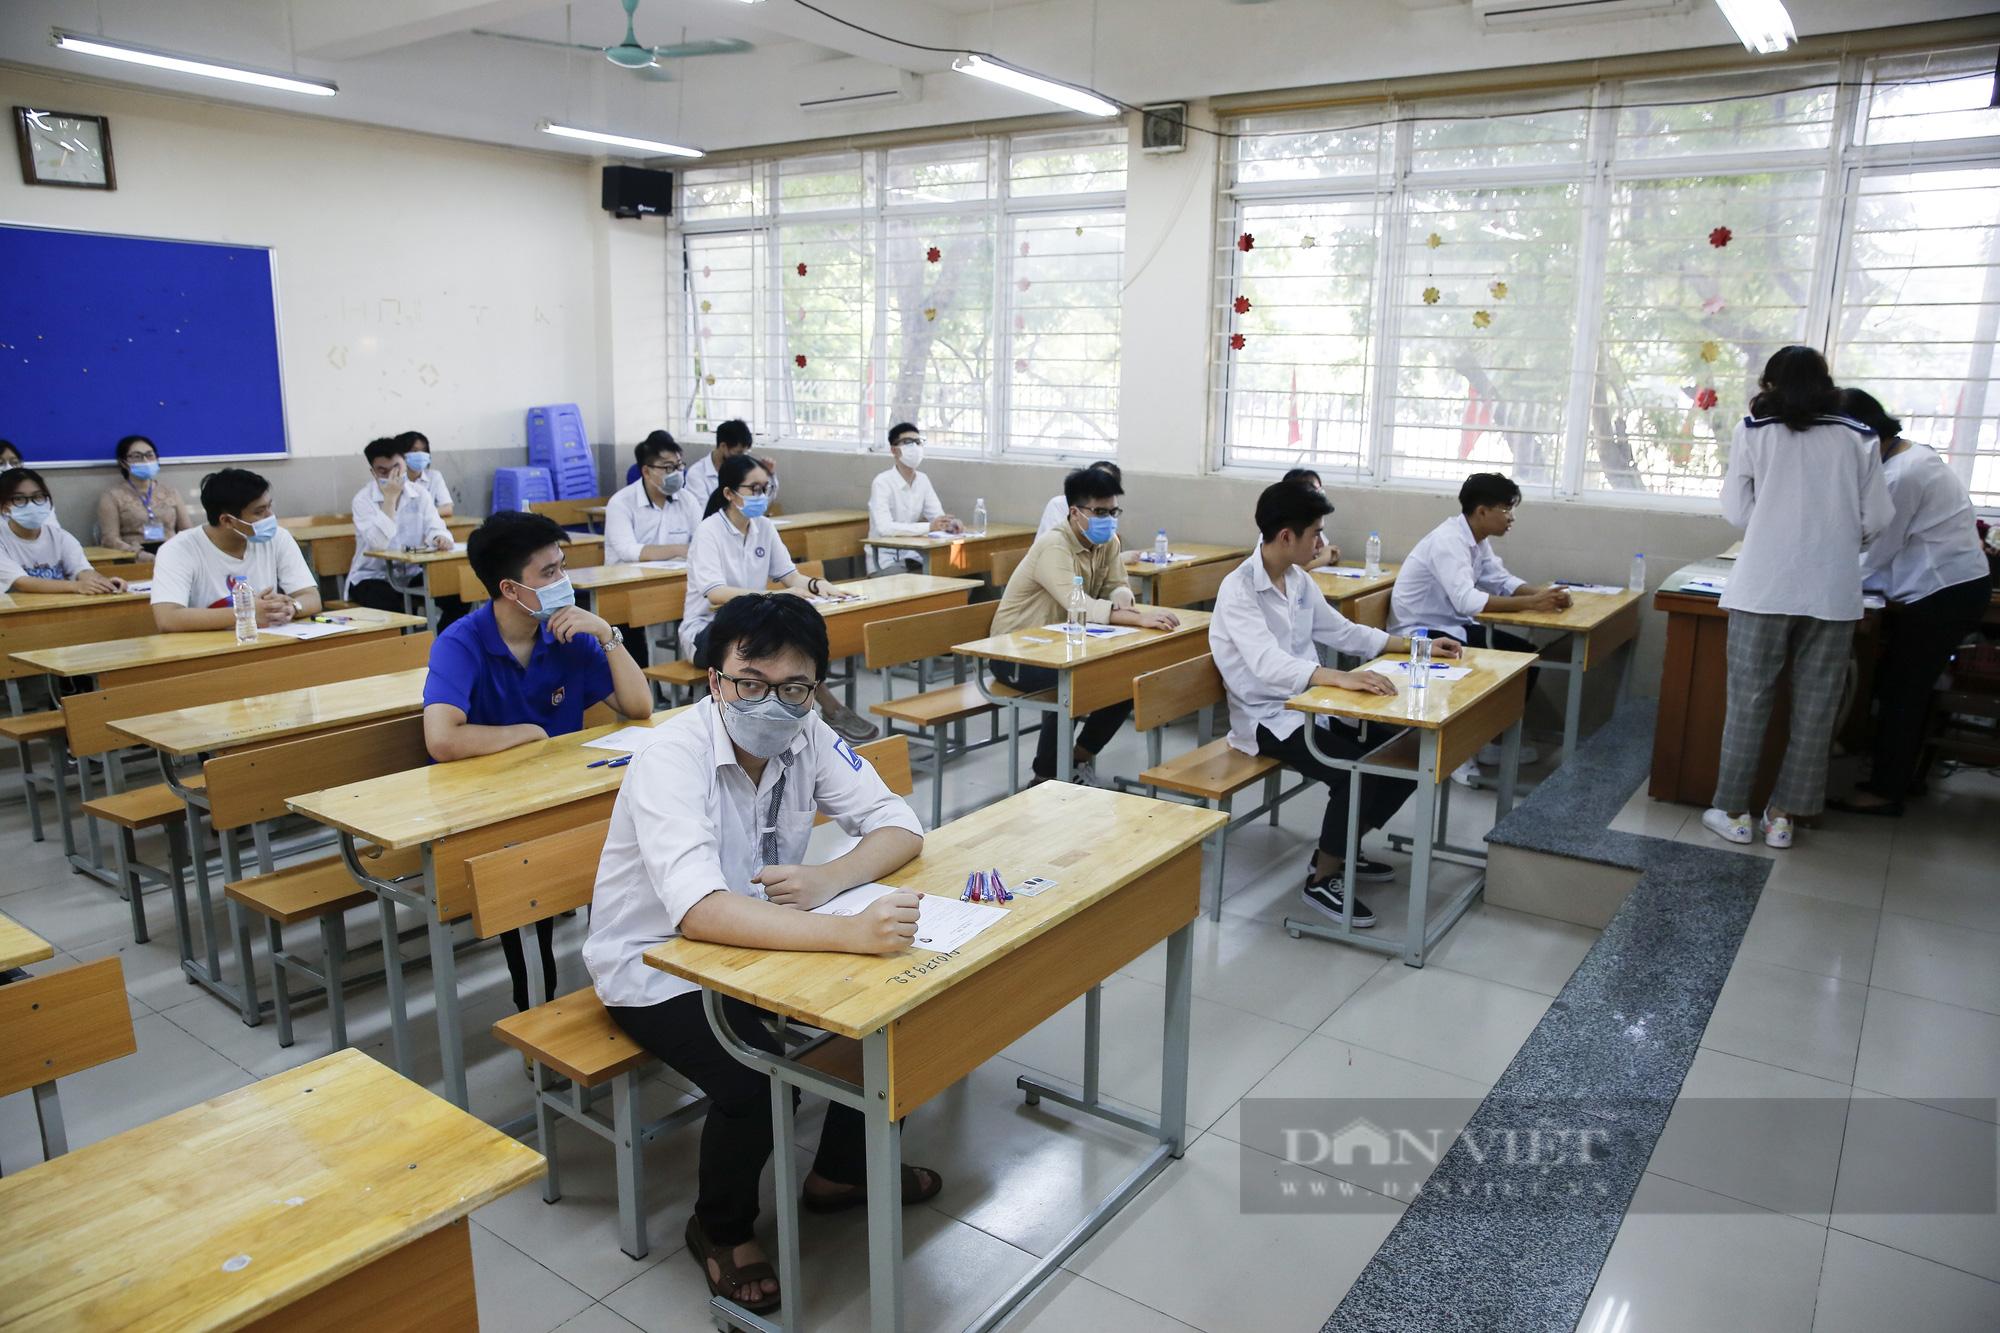 Bao nhiêu điểm thi đỗ tốt nghiệp THPT 2021?